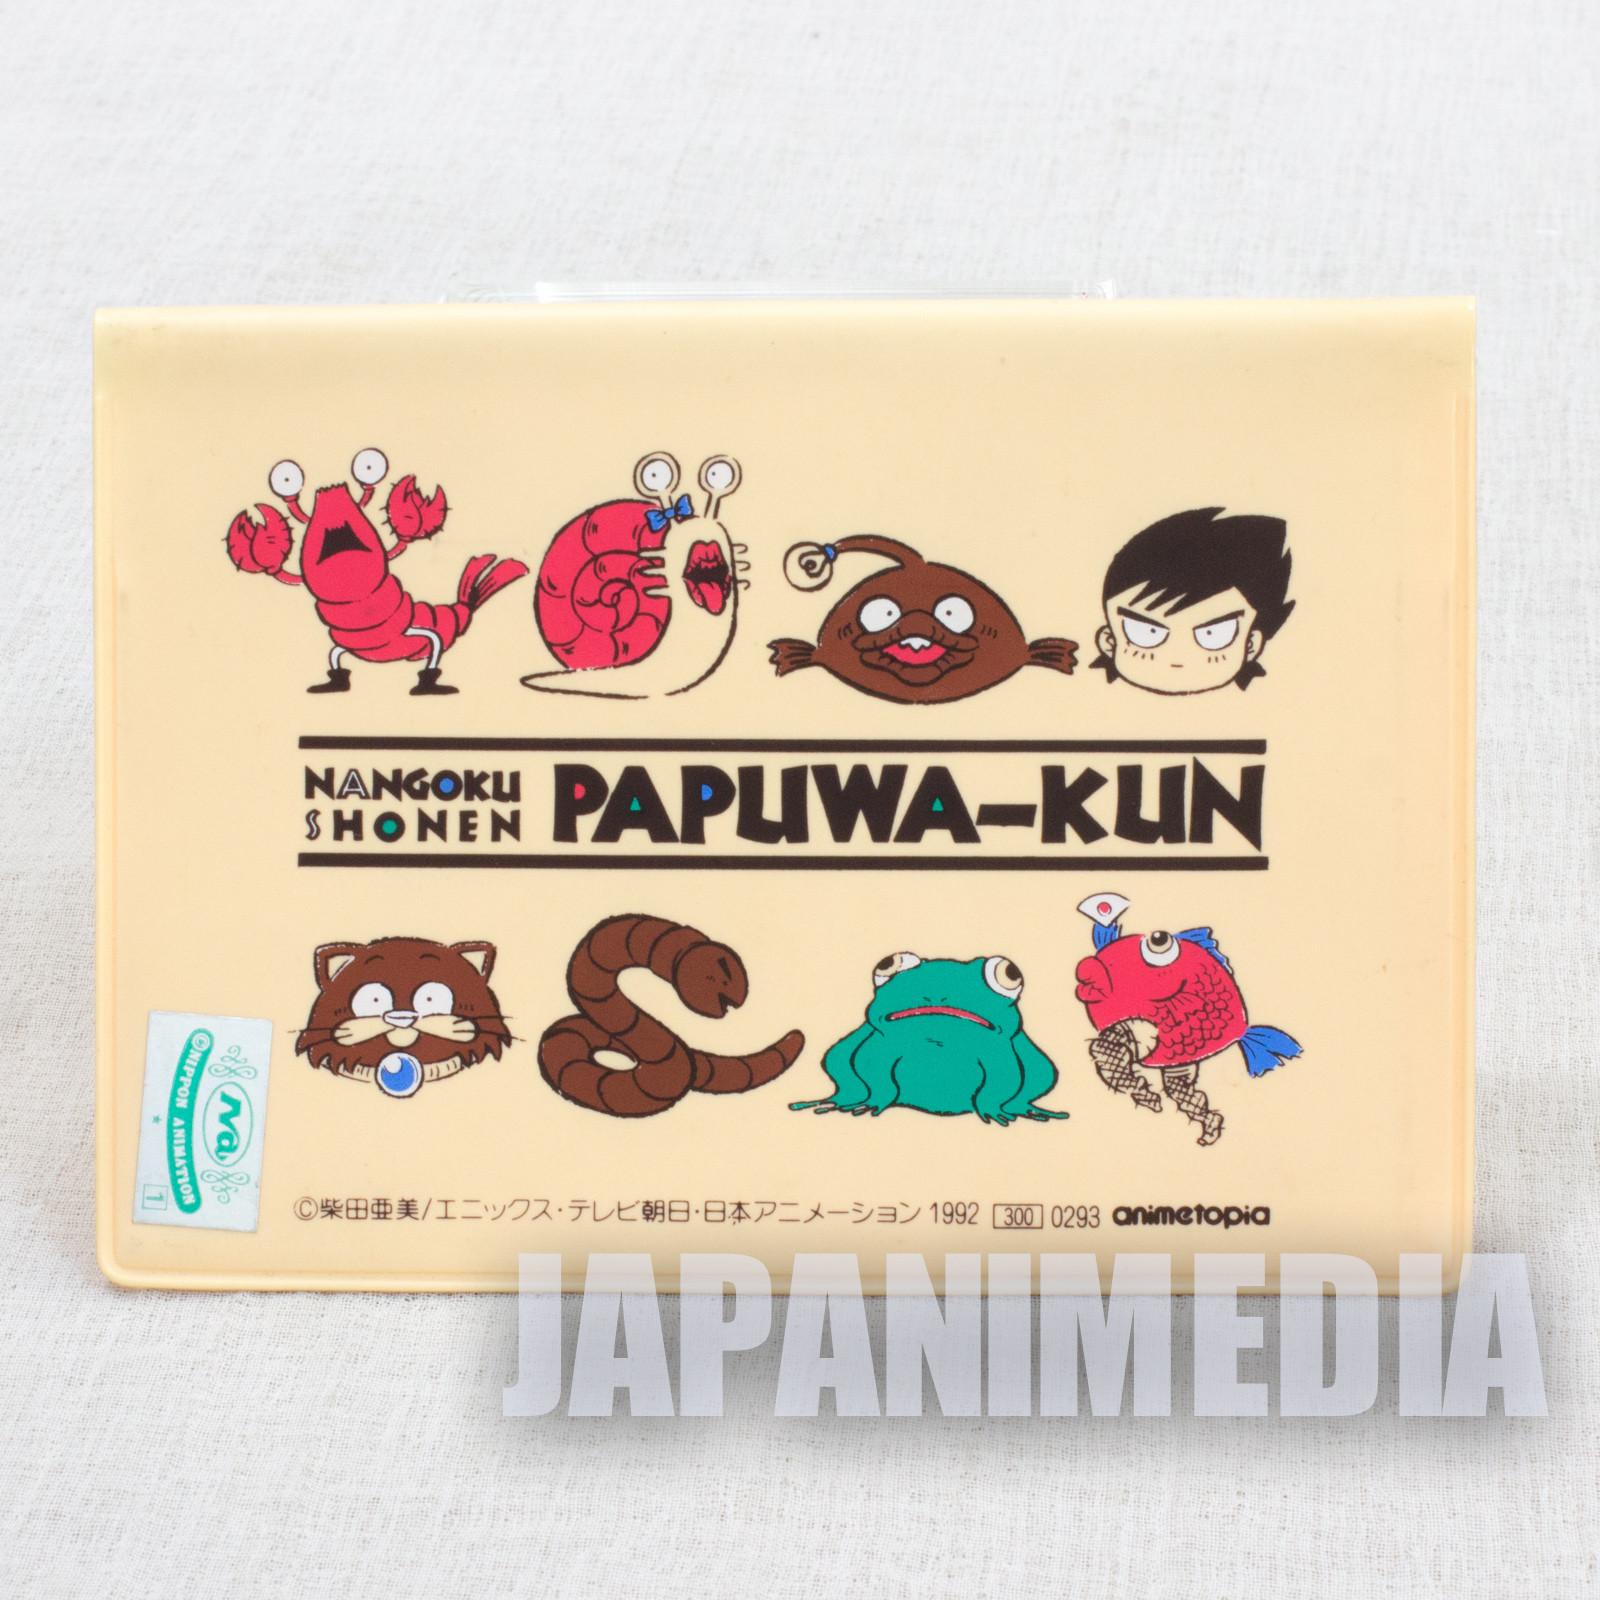 Nangoku Shonen PAPUWA Kun Card Case Holder JAPAN ANIME MANGA